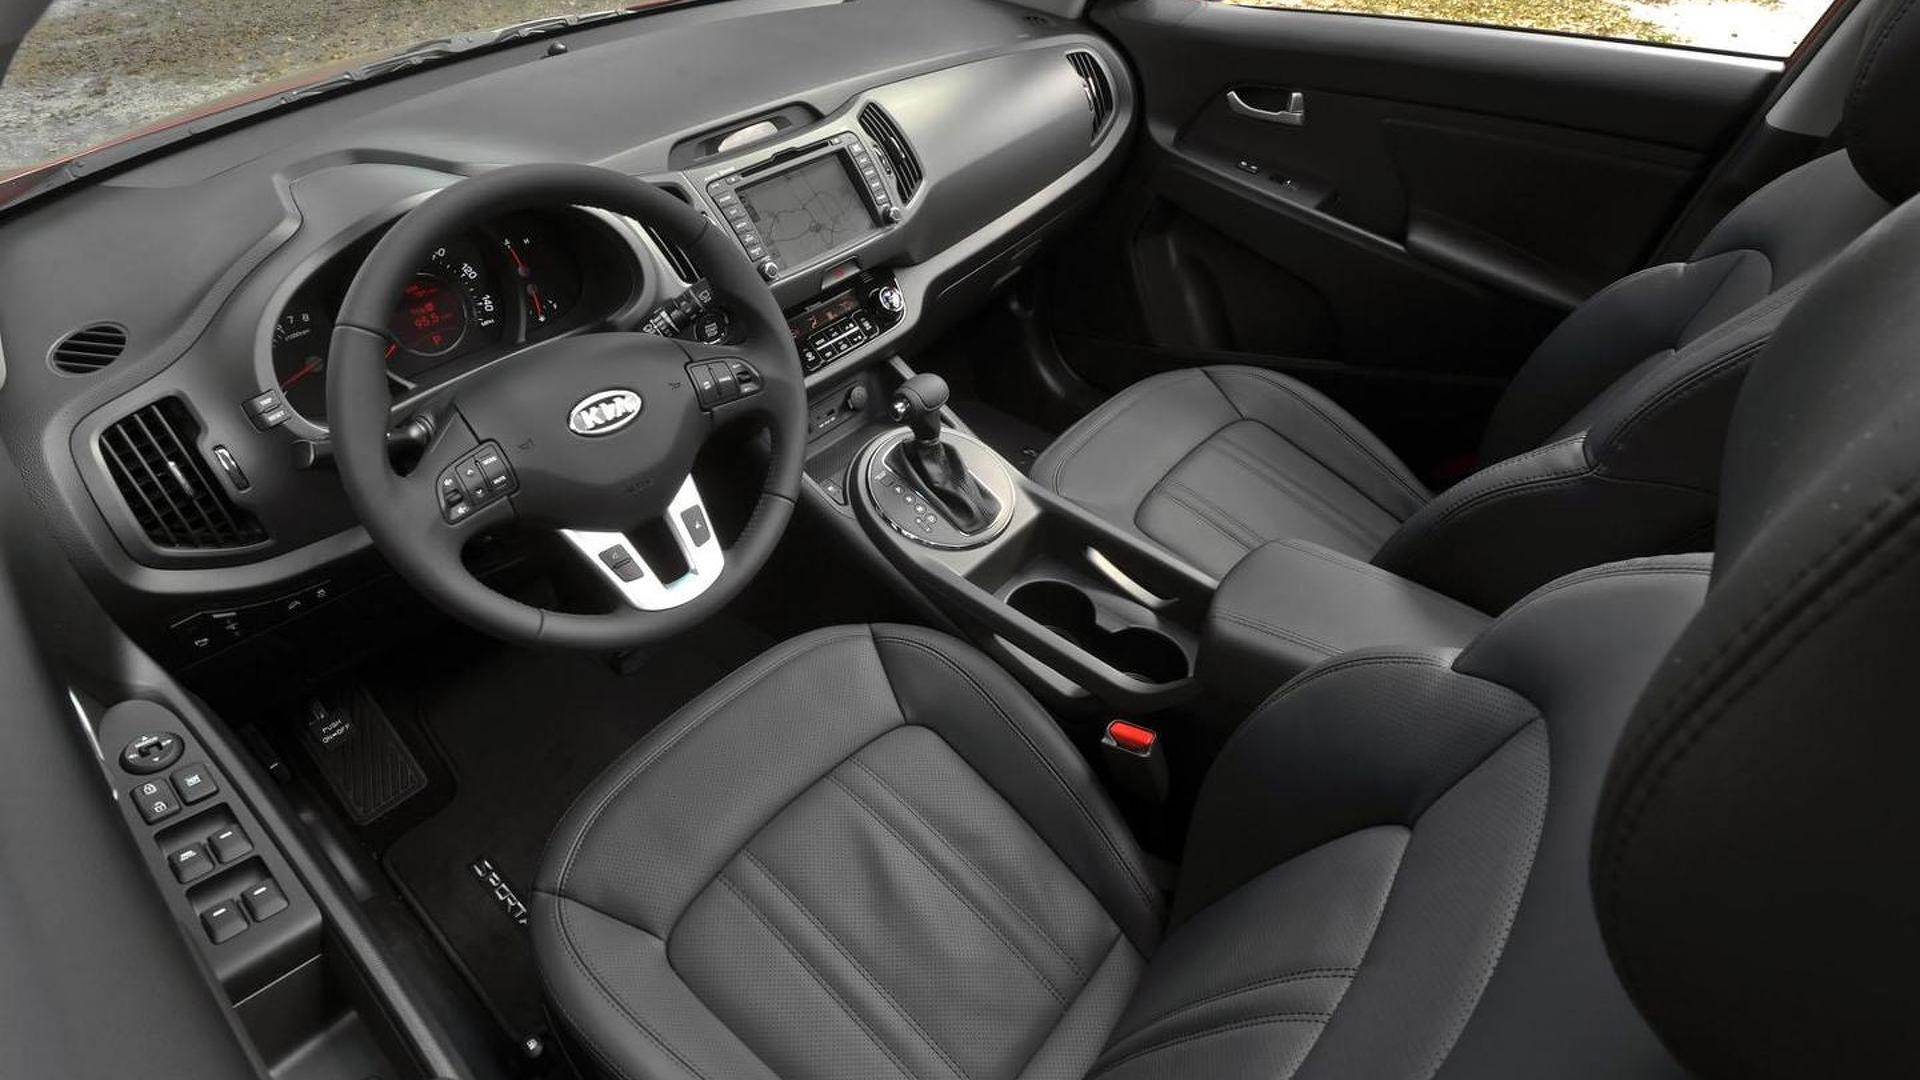 Kia Sportage SX Turbo with 256 hp announced - $25,795